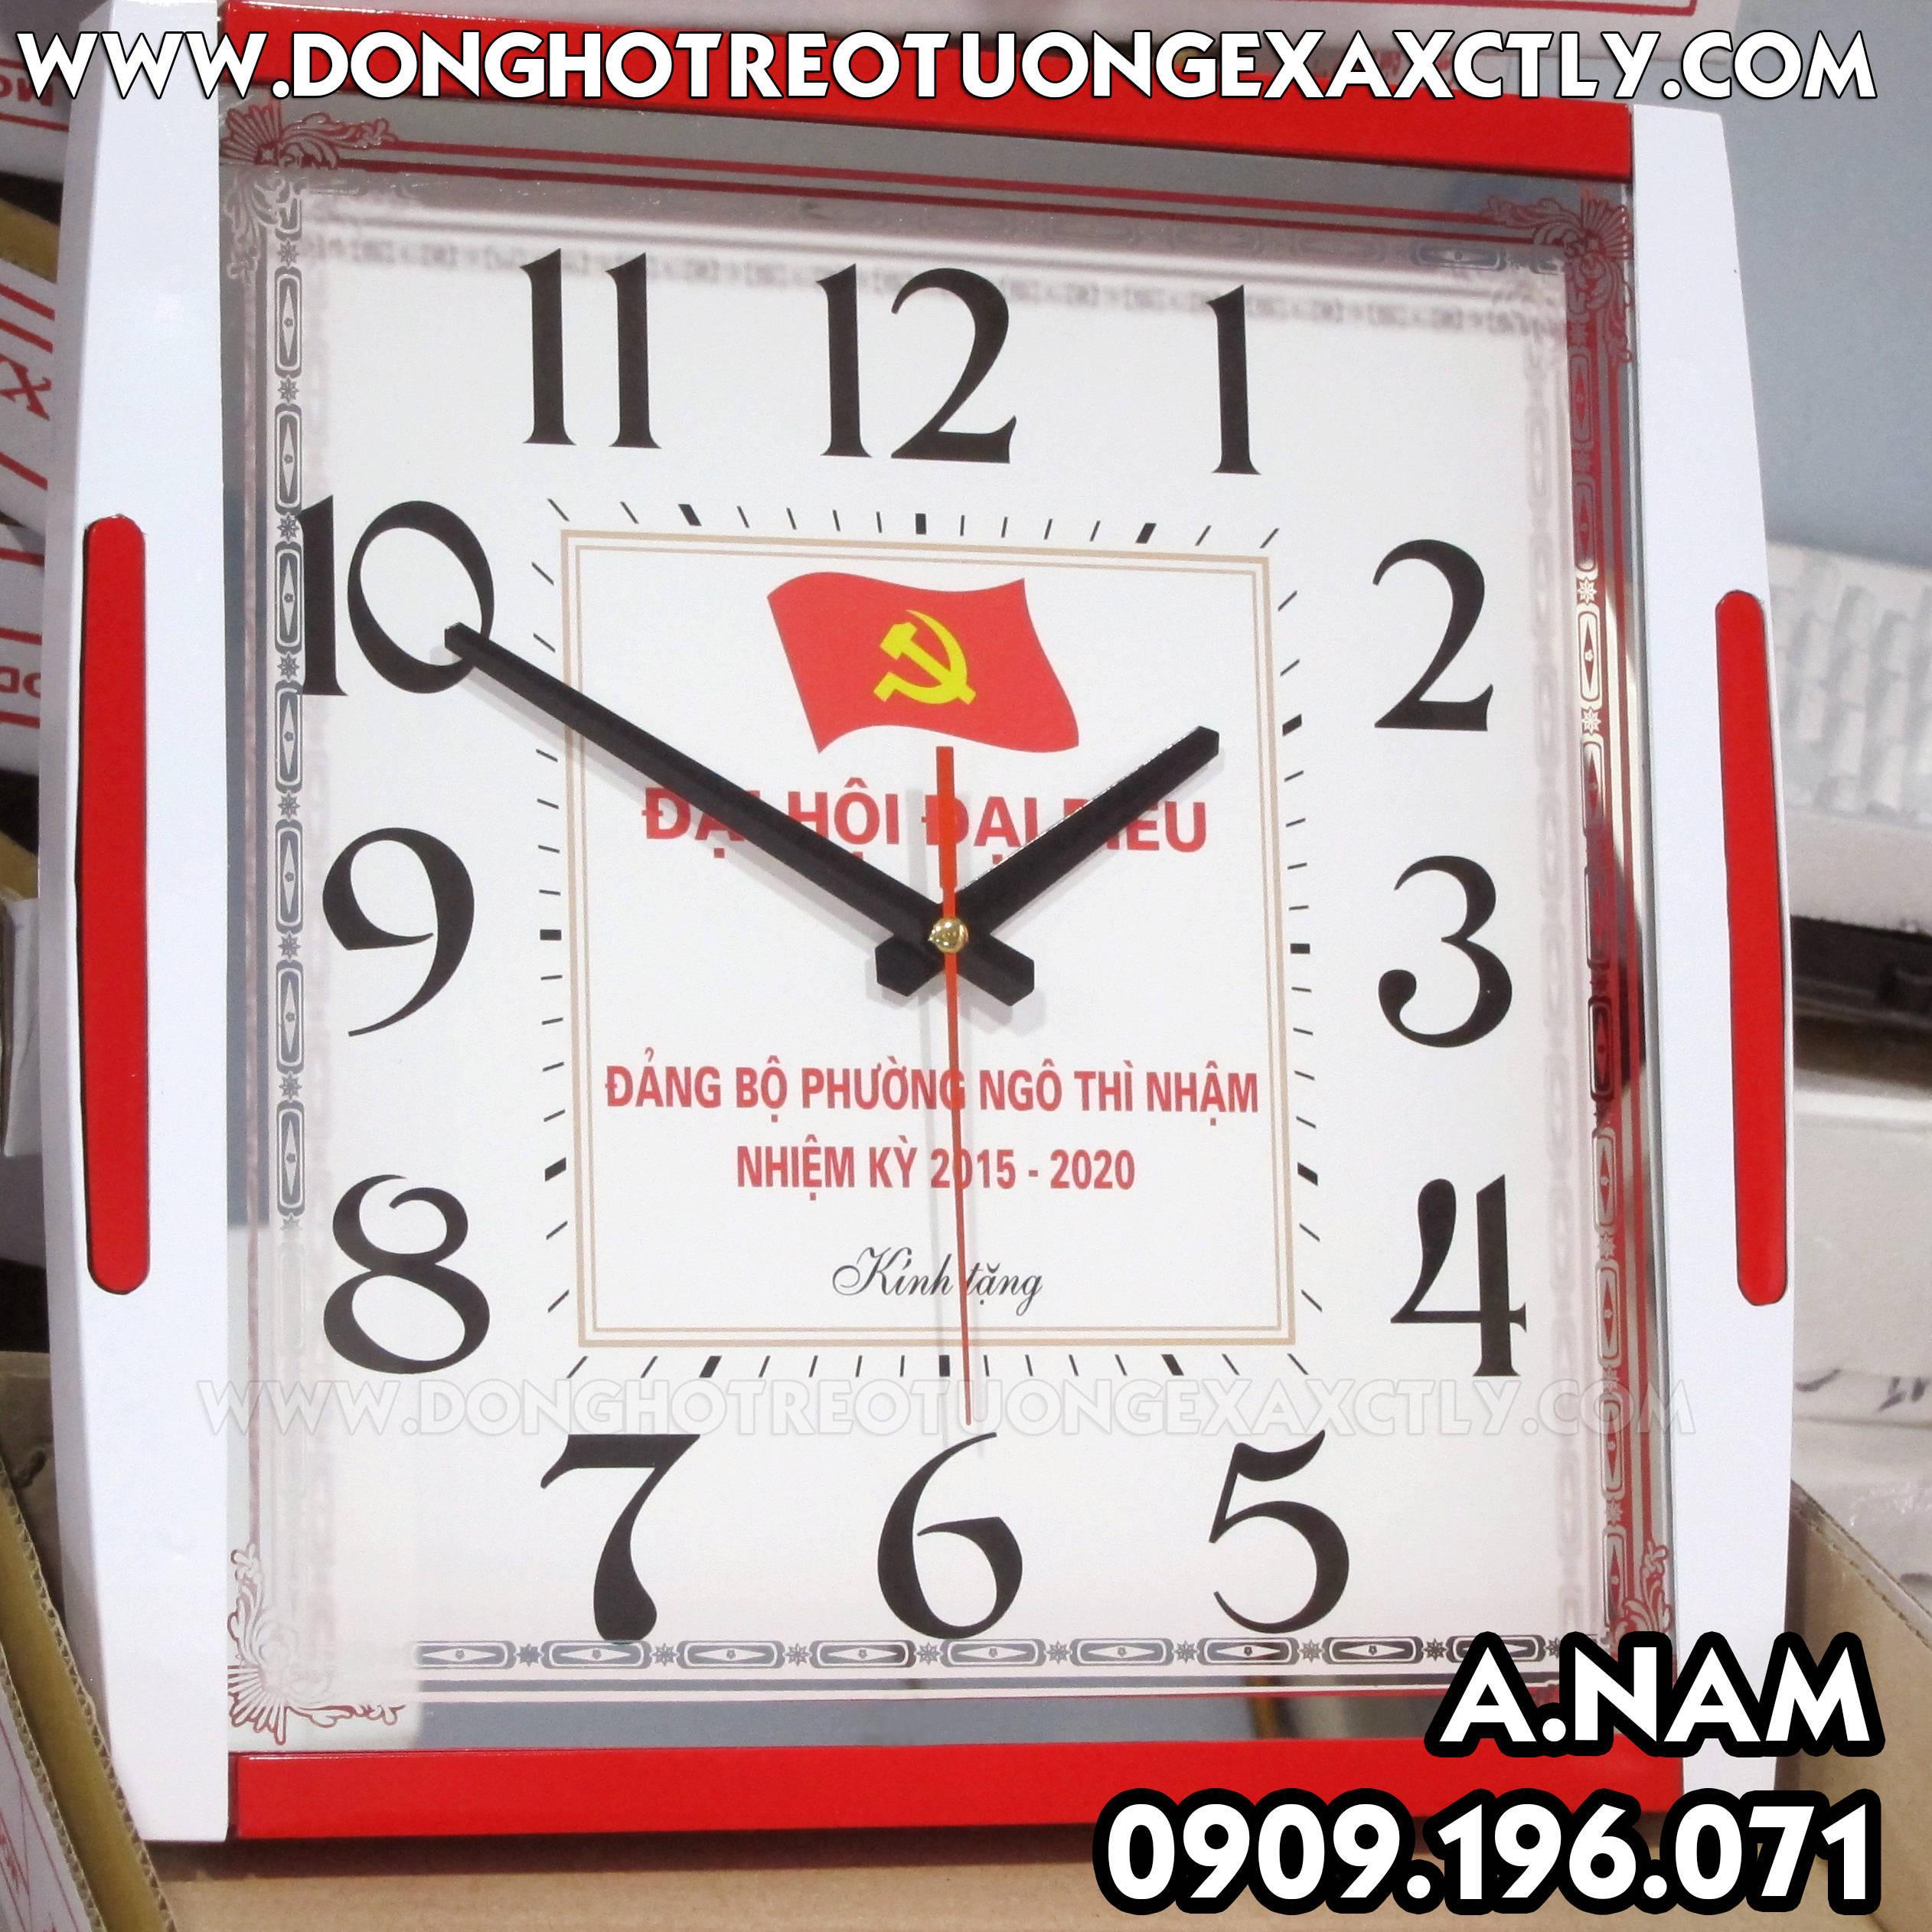 các đồng hồ treo tường tặng kỷ niệm Đại hội đại biểu phường Ngô Thị Nhậm